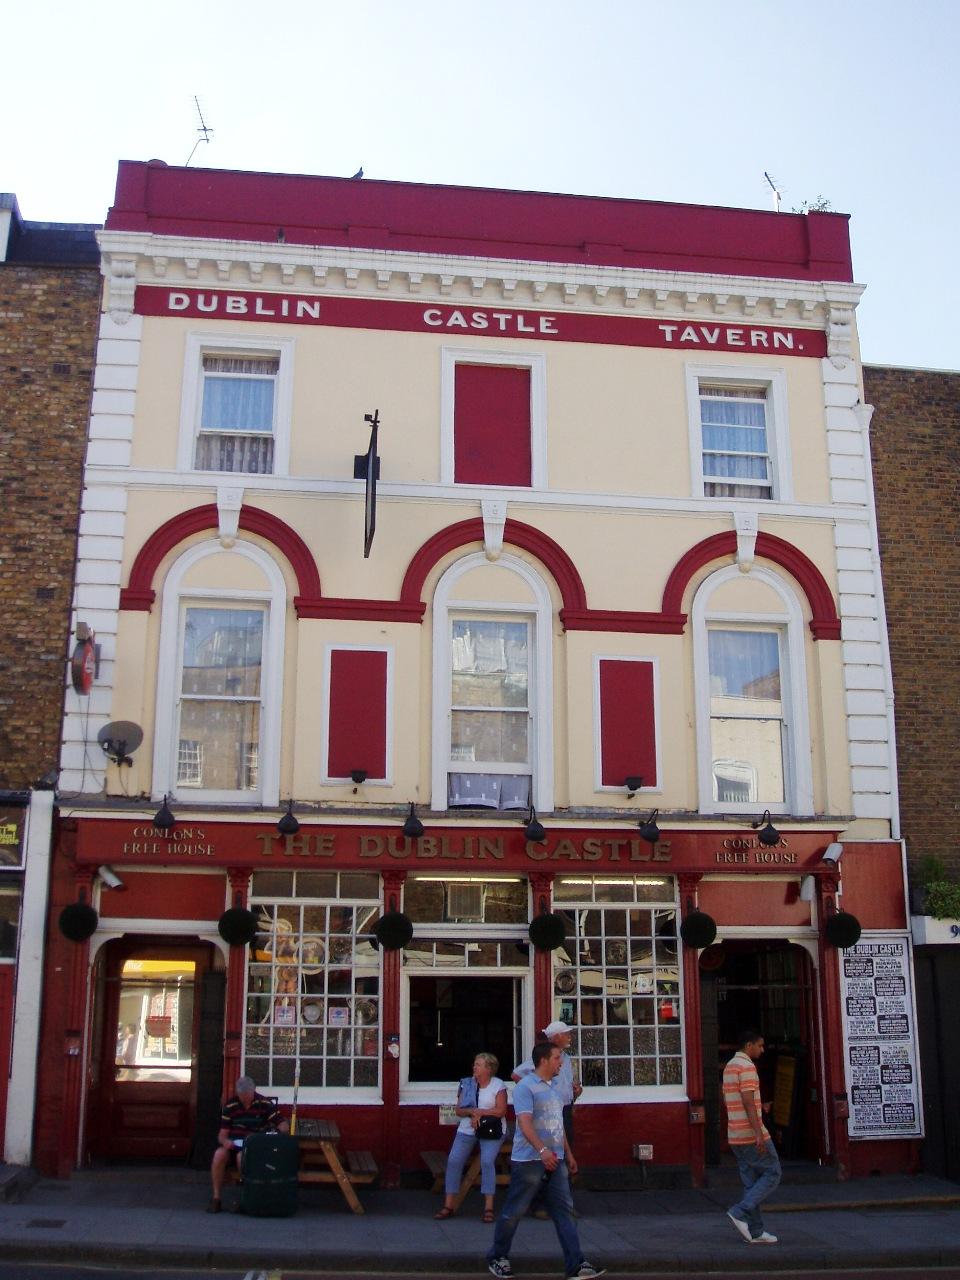 Dublin castle camden wikipedia for The camden